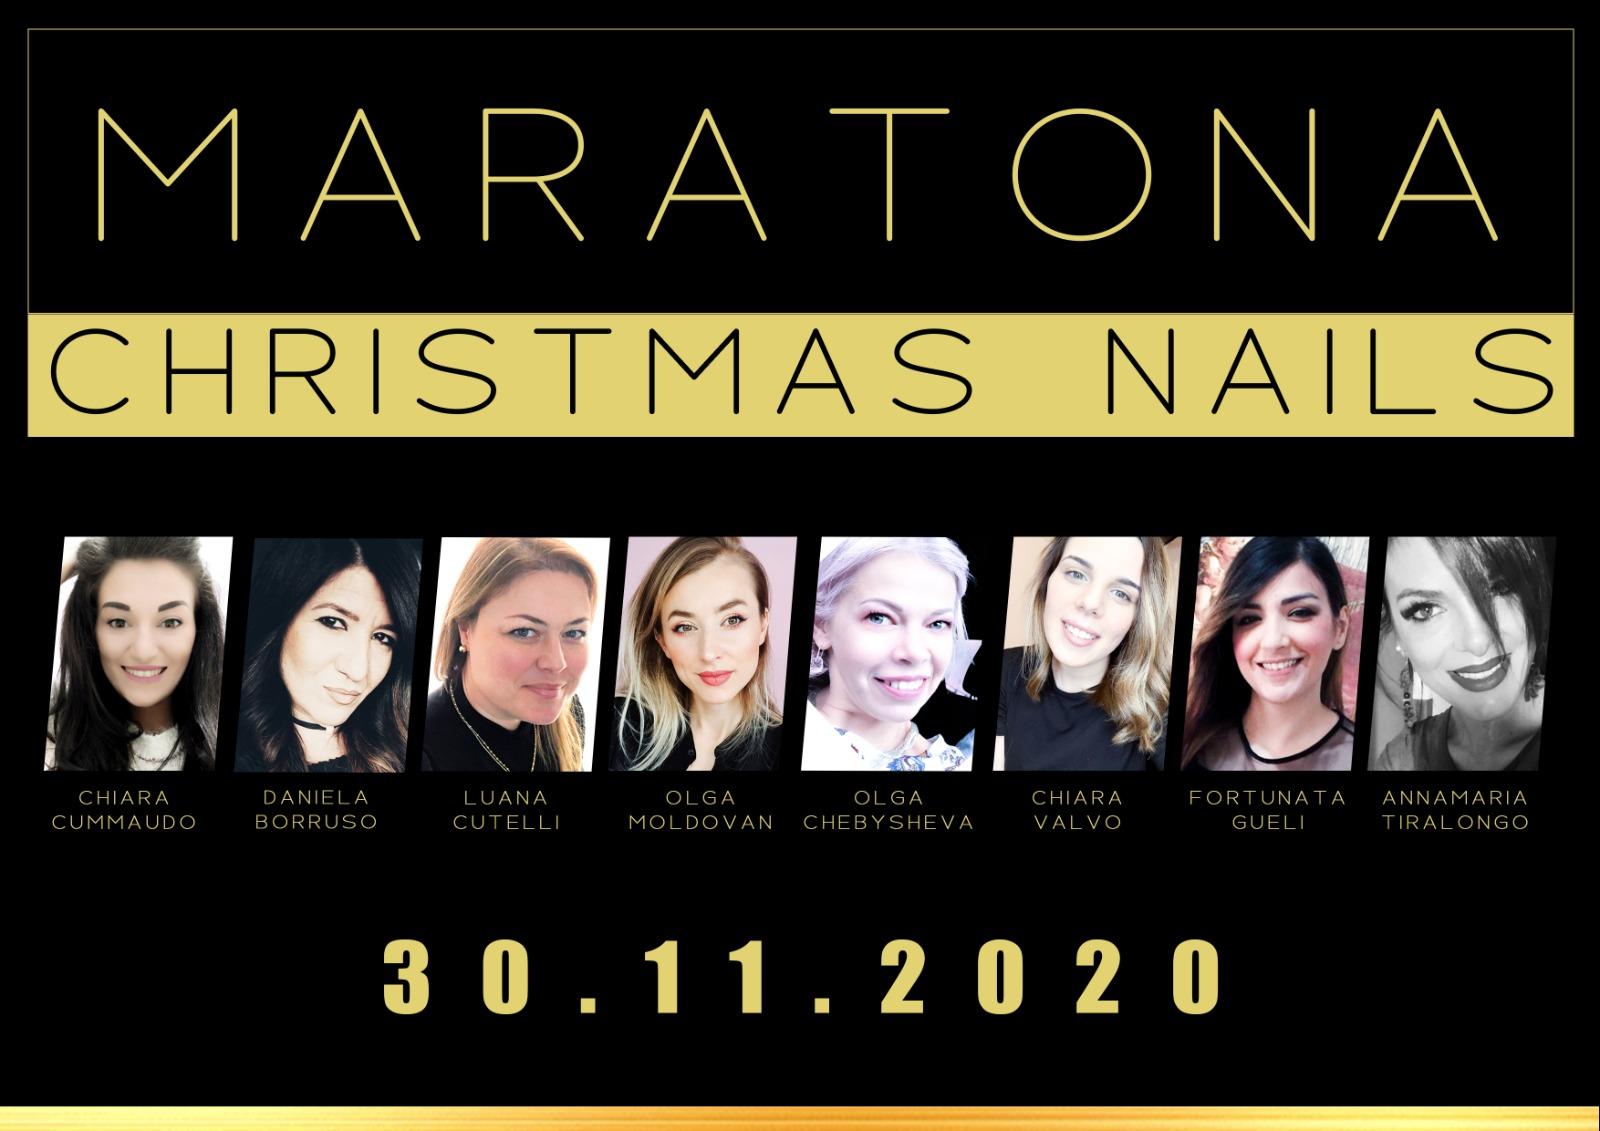 MARATONA CHRISTMAS NAILS